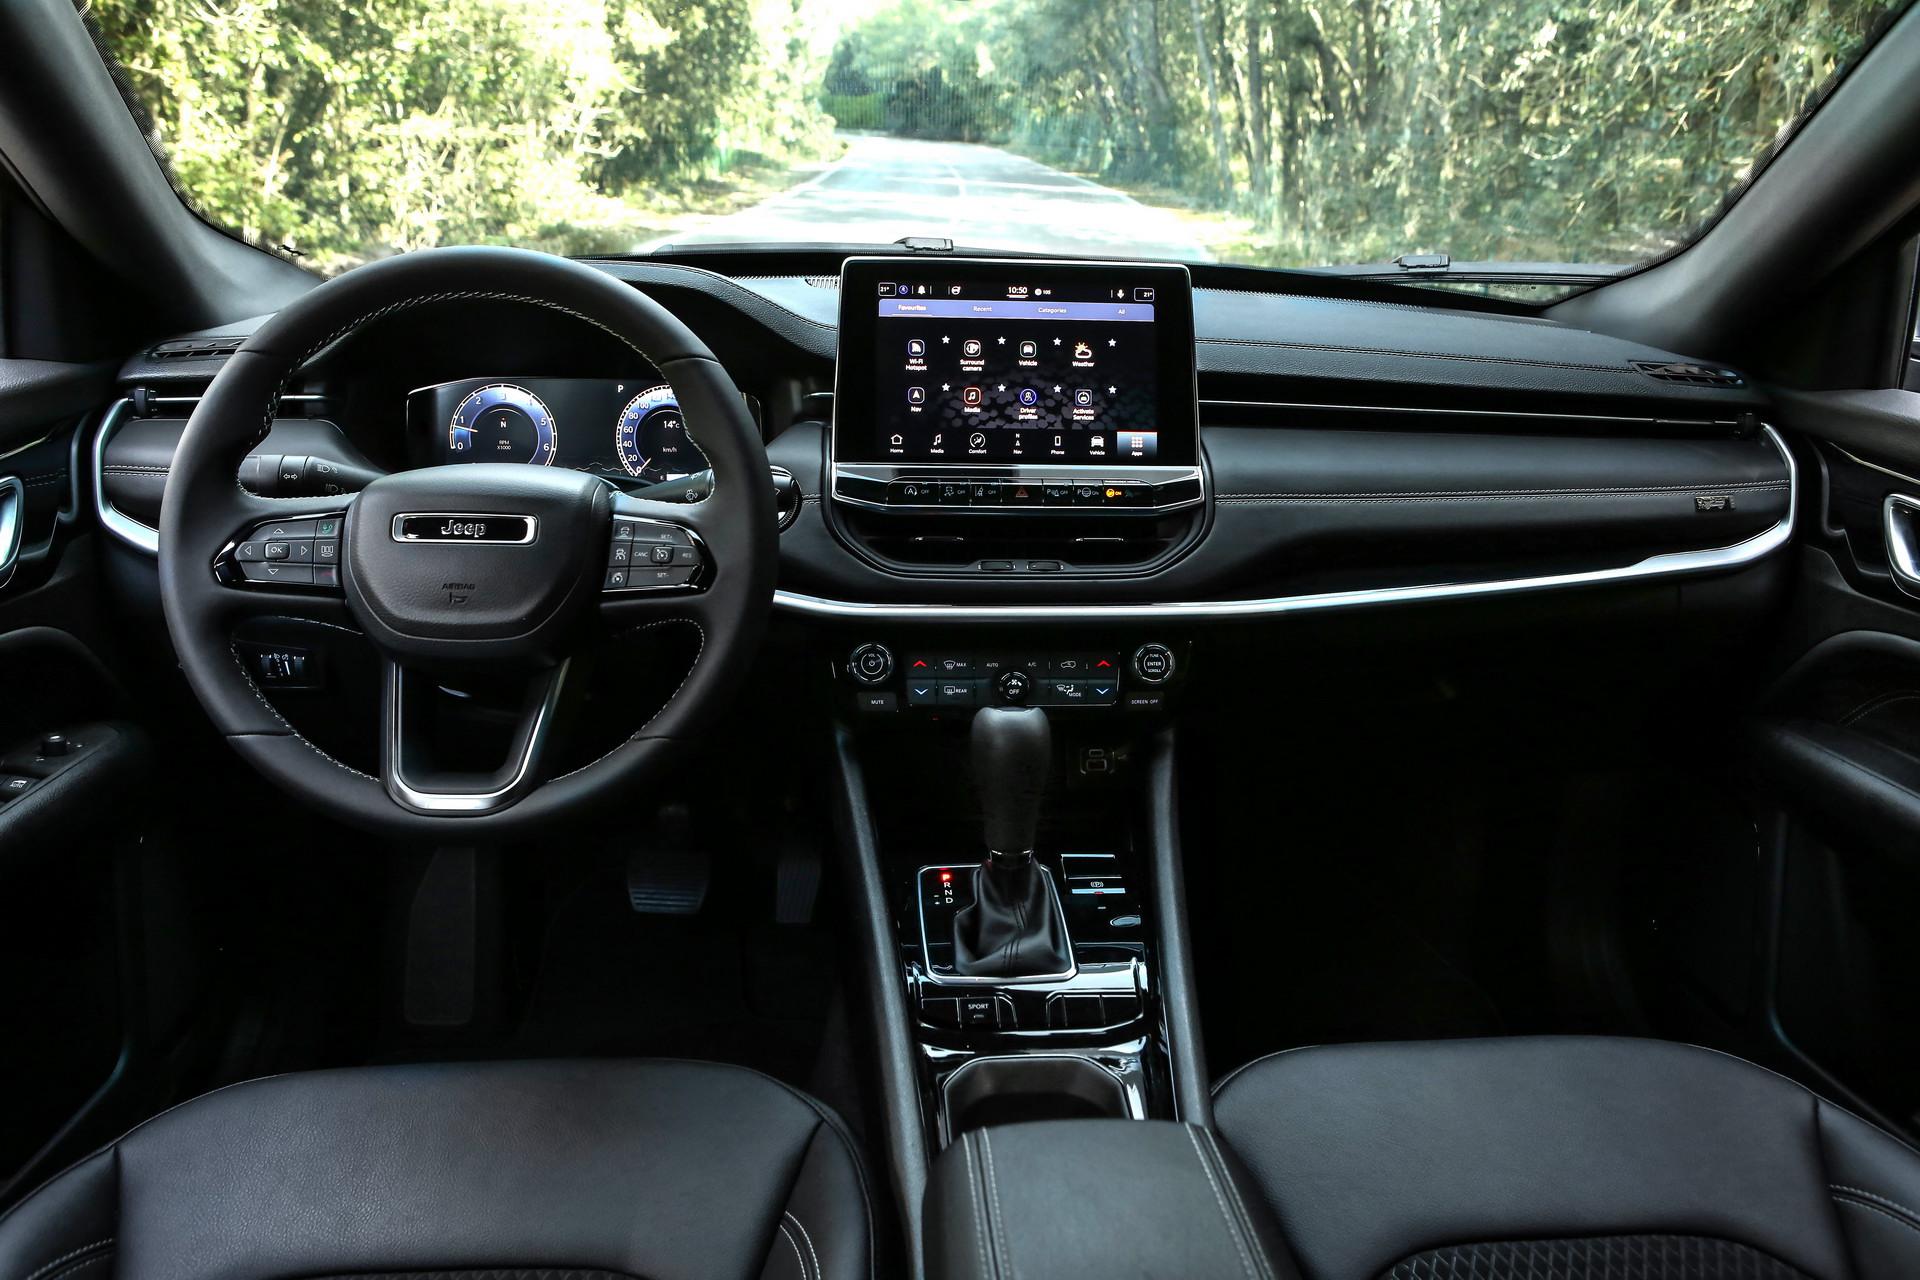 欧洲的2021年吉普指南针改版推出了2级半自动驾驶